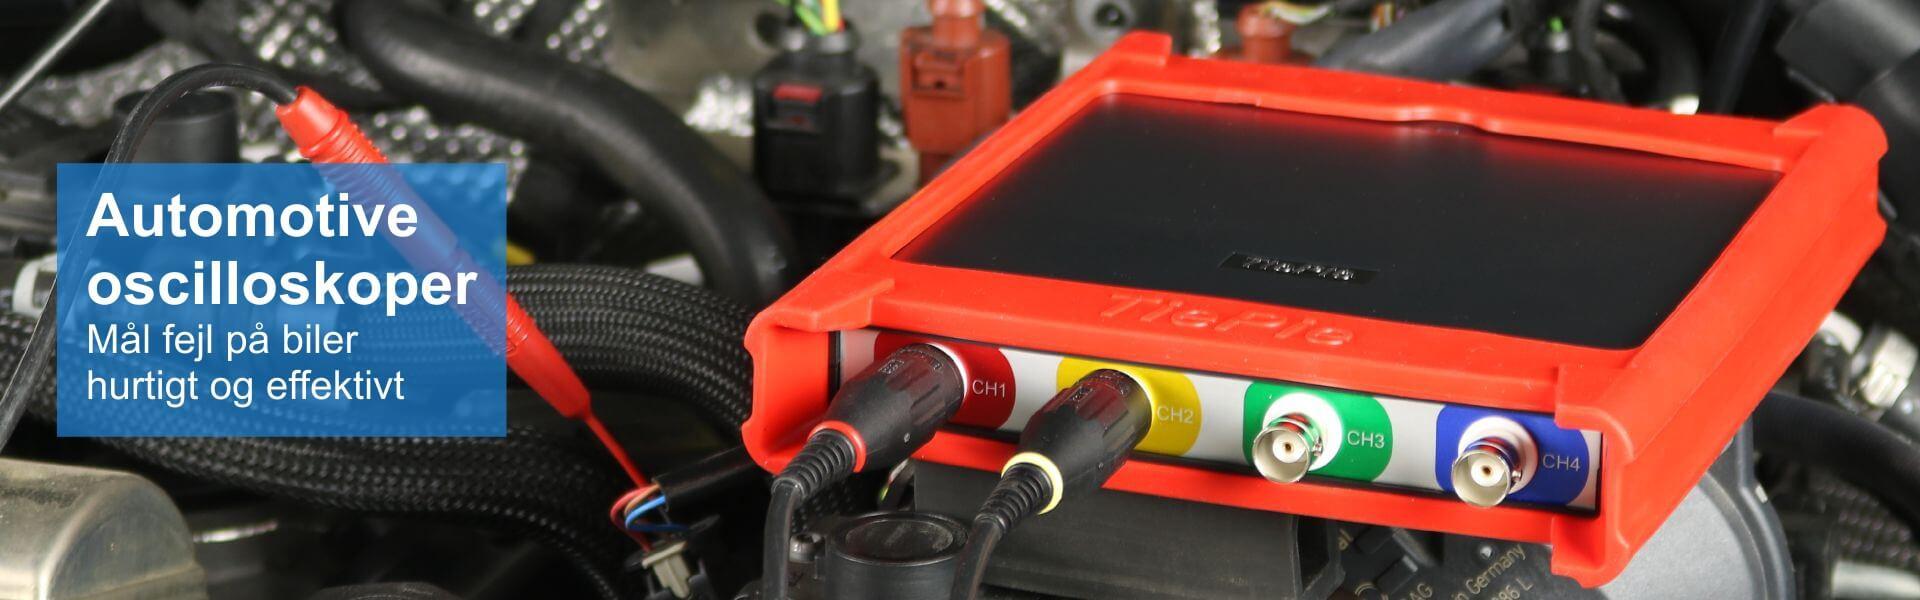 PC-oscilloskoper til auto diagnose